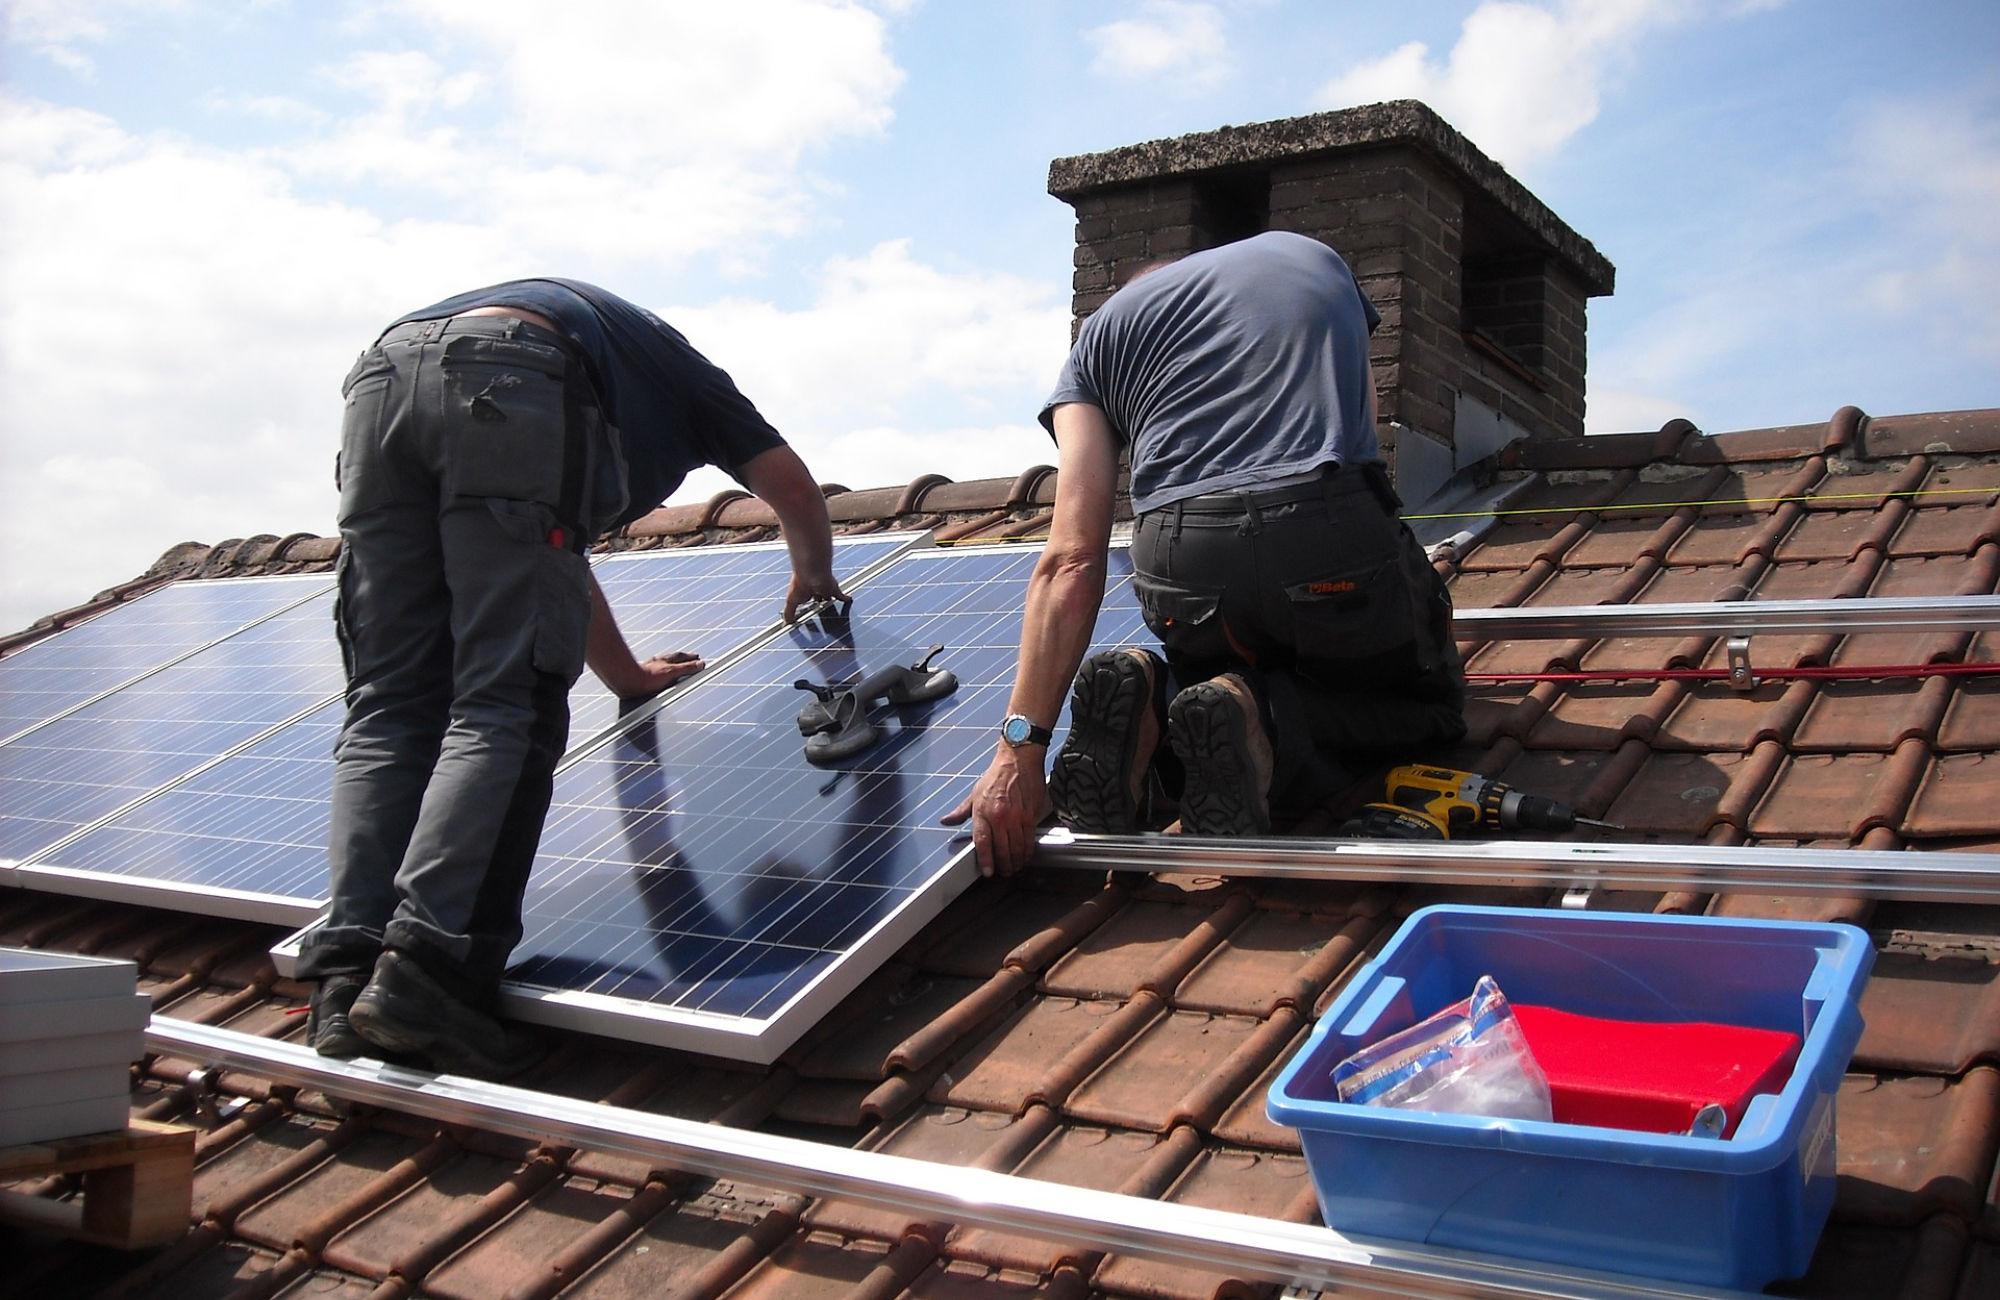 Comment bien préparer l'installation de votre toiture solaire photovoltaïque